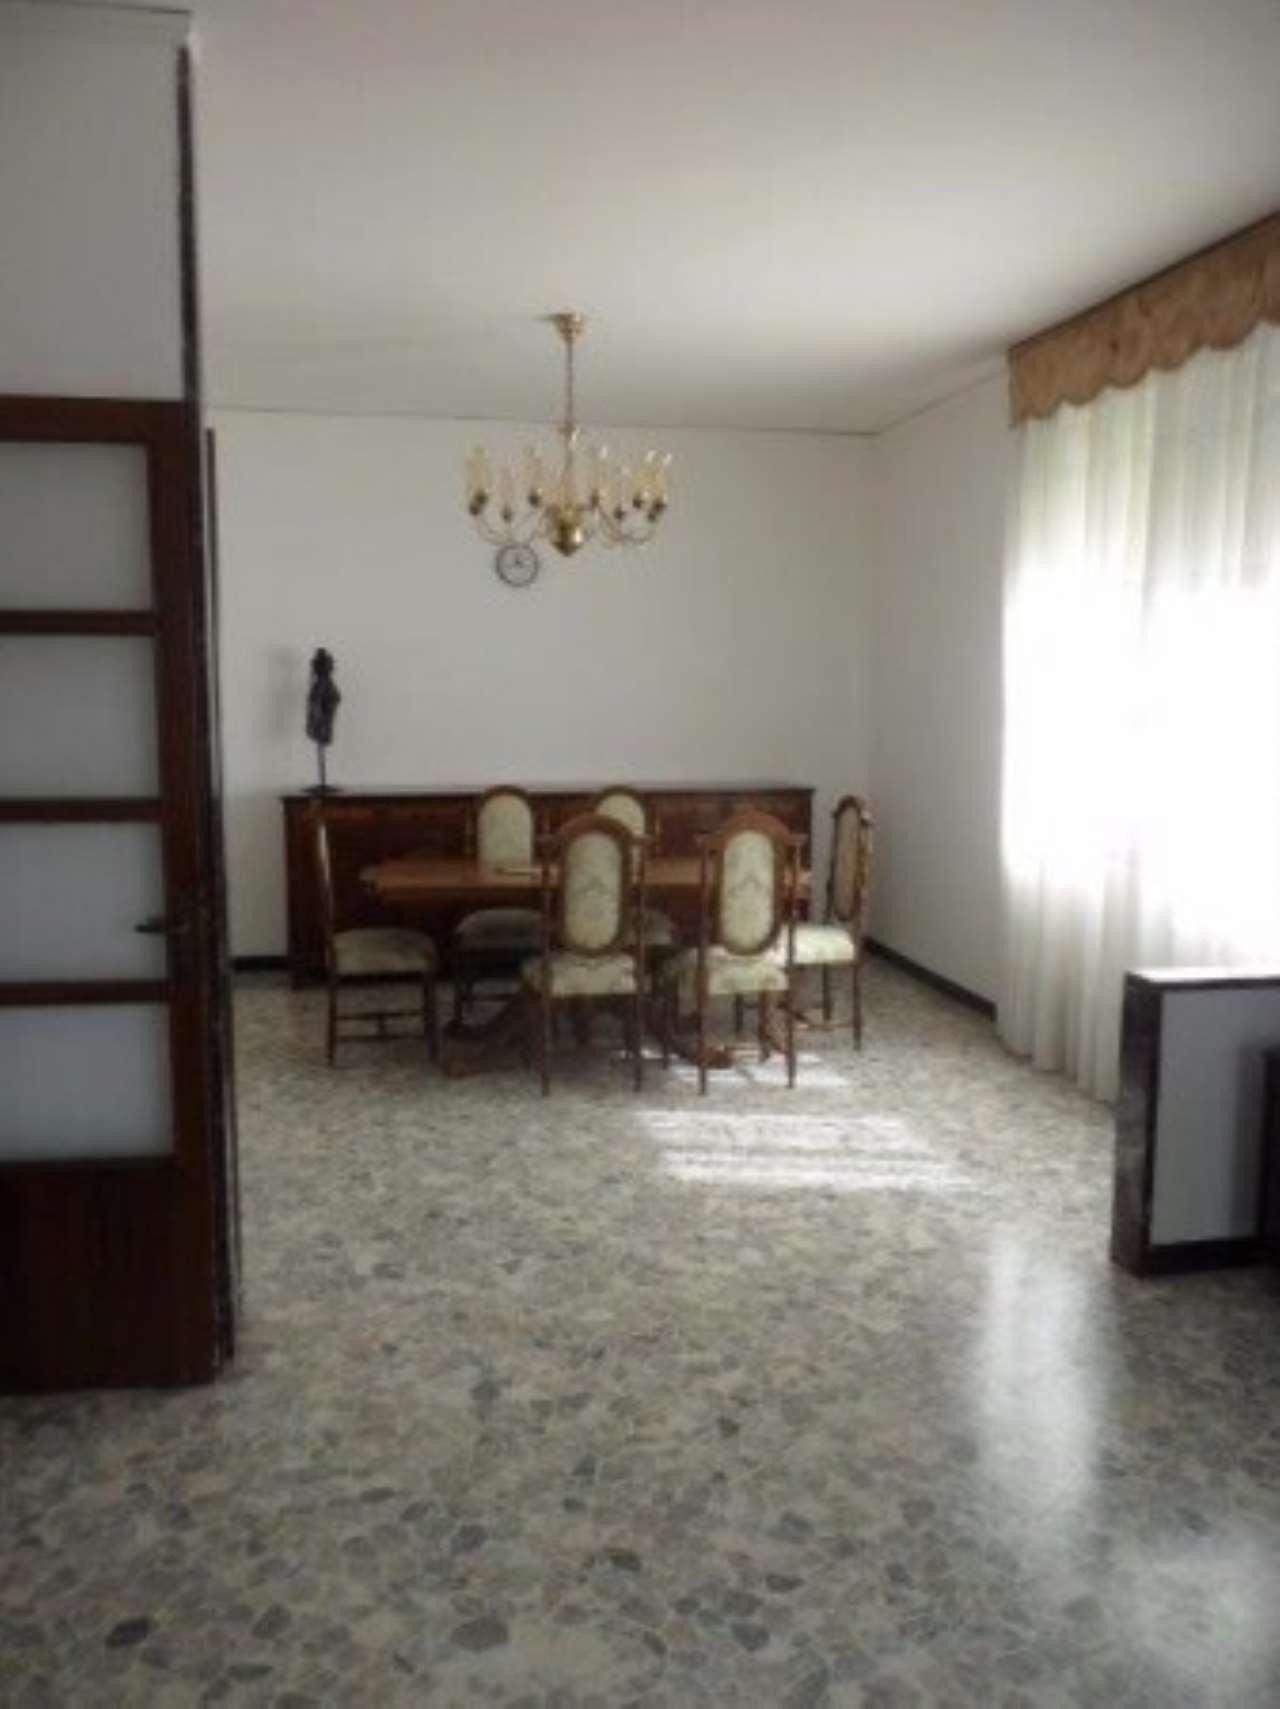 Appartamento in vendita a Venezia, 9999 locali, zona Zona: 8 . Lido, prezzo € 530.000 | Cambio Casa.it